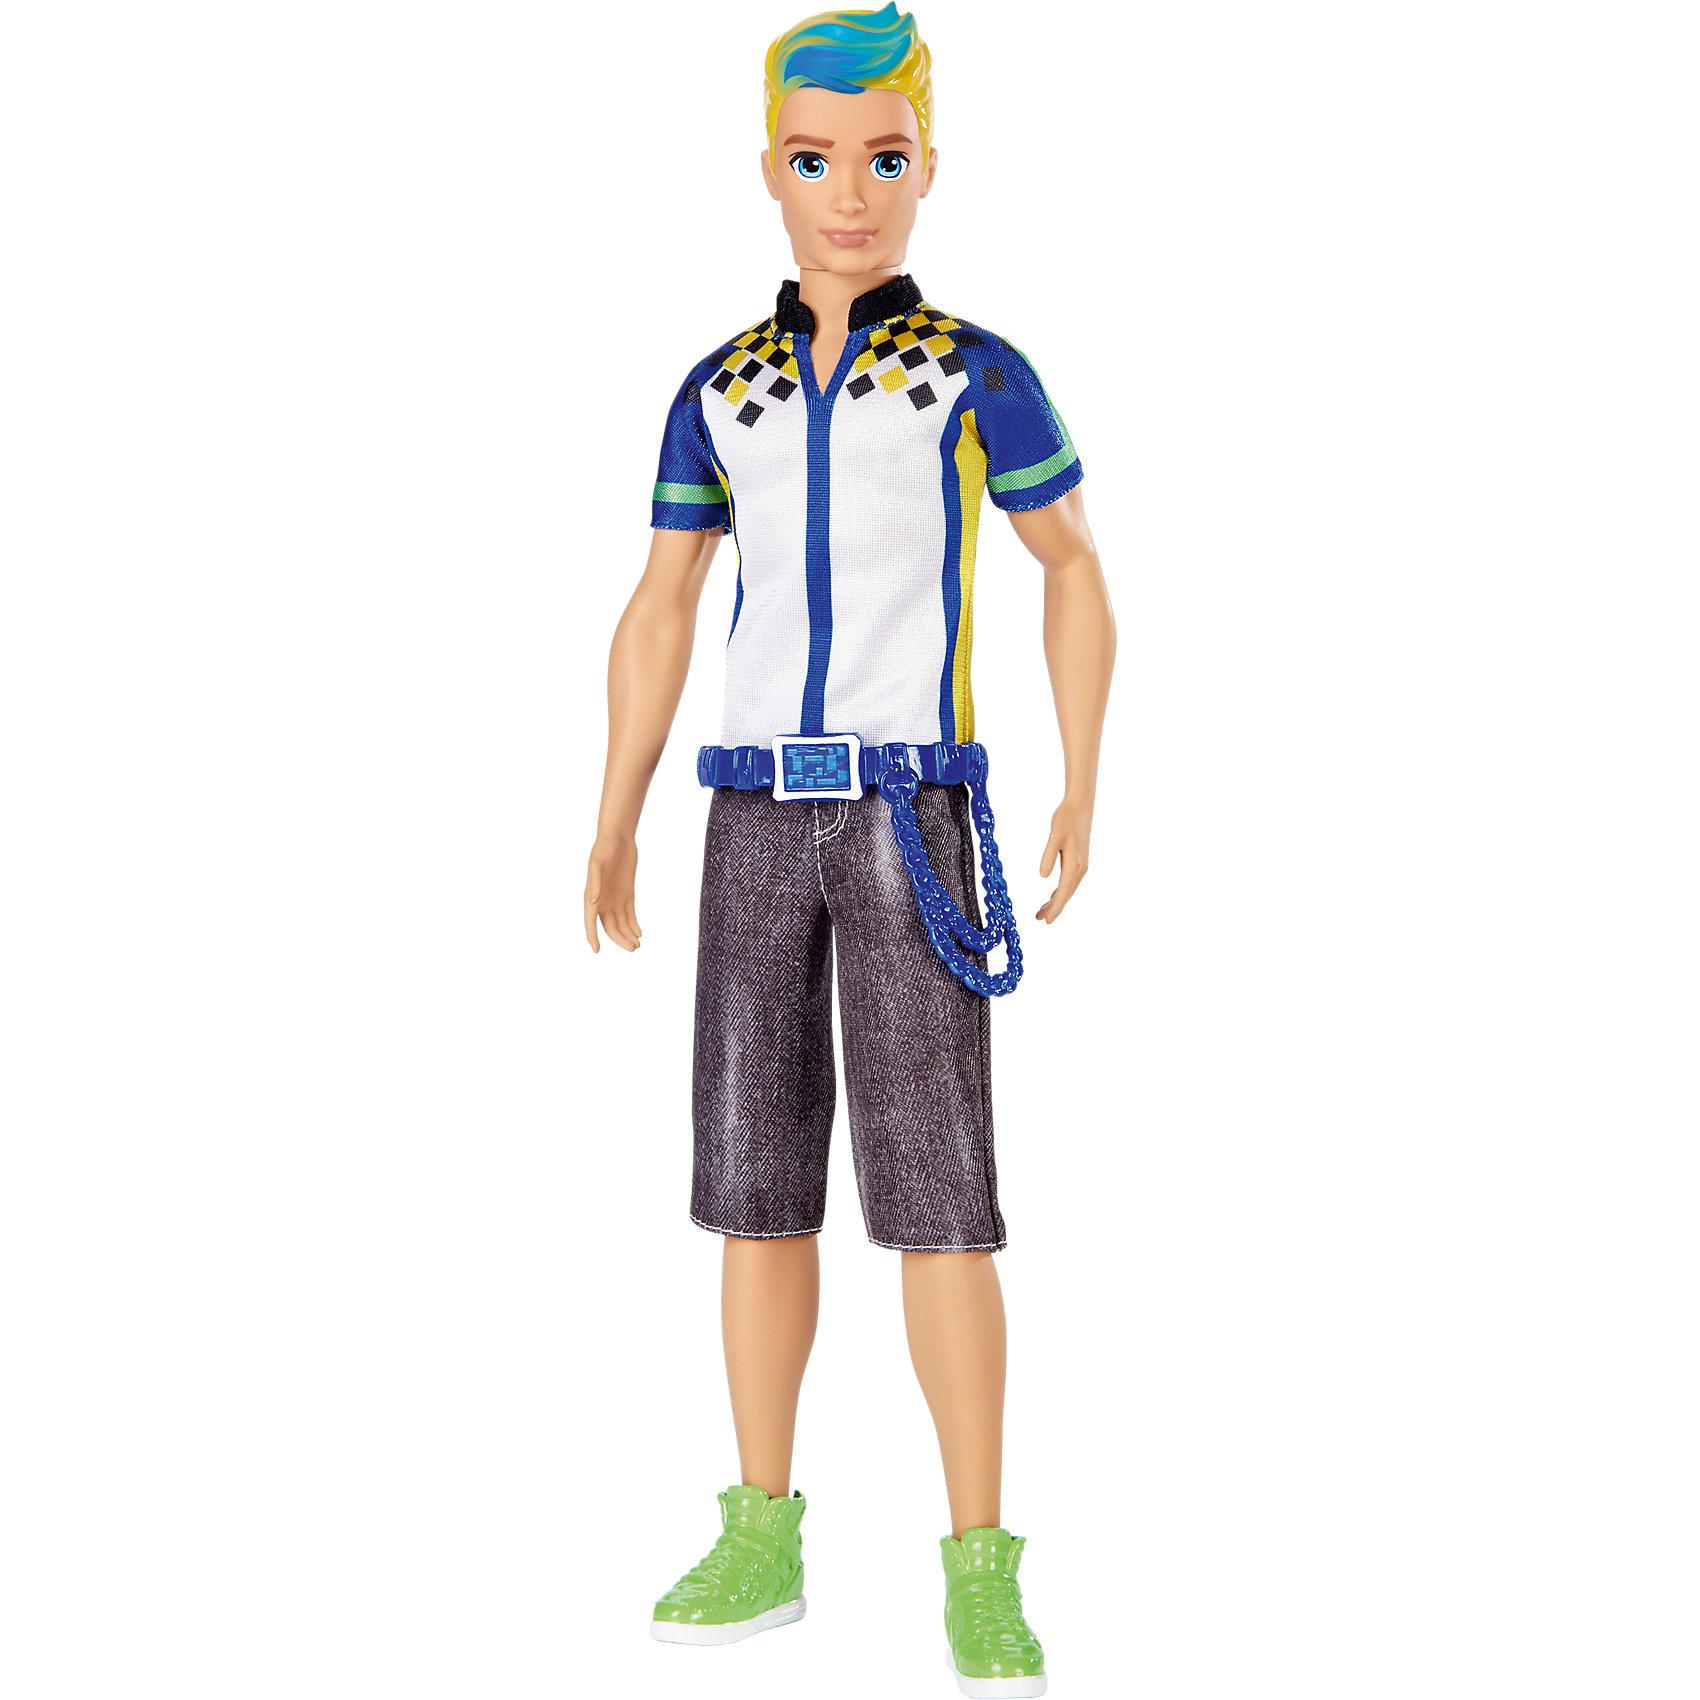 Кукла Кен из серии «Barbie и виртуальный мир»Популярные игрушки<br>Кукла Кен из серии «Barbie и виртуальный мир», (Барби)<br><br>Характеристики:<br><br>• яркий наряд в стиле аниме<br>• серия: Barbie и виртуальный мир<br>• материал: пластик, текстиль <br>• размер упаковки: 12х6х33 см<br>• вес: 220 грамм<br><br>Очаровательный Кен с нарядом в стиле аниме по достоинству оценят любители виртуального мира. Кен одет в футболку с ярким принтом, джинсовые шорты и стильные кеды. Пояс украшает ремень с длинной цепочкой. Яркий пряди в волосах отлично дополняют образ Кена. Кукла станет отличным подарком для поклонниц серии Barbie и виртуальный мир!<br><br>Куклу Кен из серии «Barbie и виртуальный мир», (Барби) можно купить в нашем интернет-магазине.<br><br>Ширина мм: 324<br>Глубина мм: 116<br>Высота мм: 53<br>Вес г: 233<br>Возраст от месяцев: 36<br>Возраст до месяцев: 72<br>Пол: Женский<br>Возраст: Детский<br>SKU: 5257090